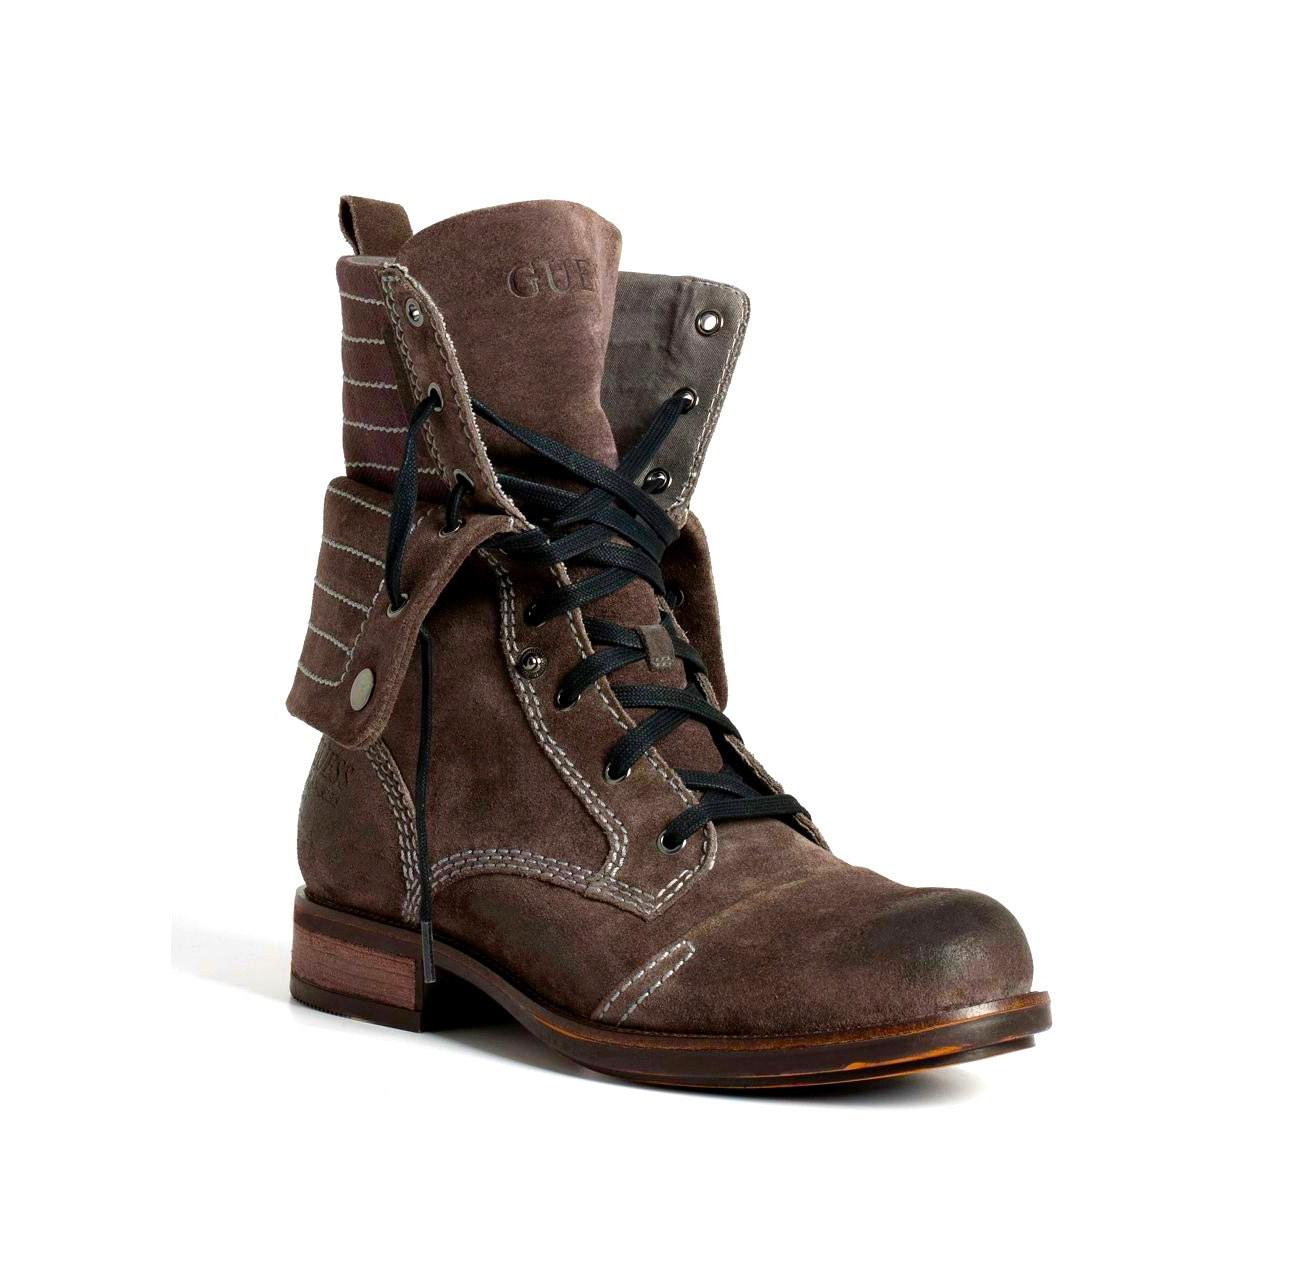 Guess Coltan Ankle Men's Boots Sz 13 Brown men ankle boots